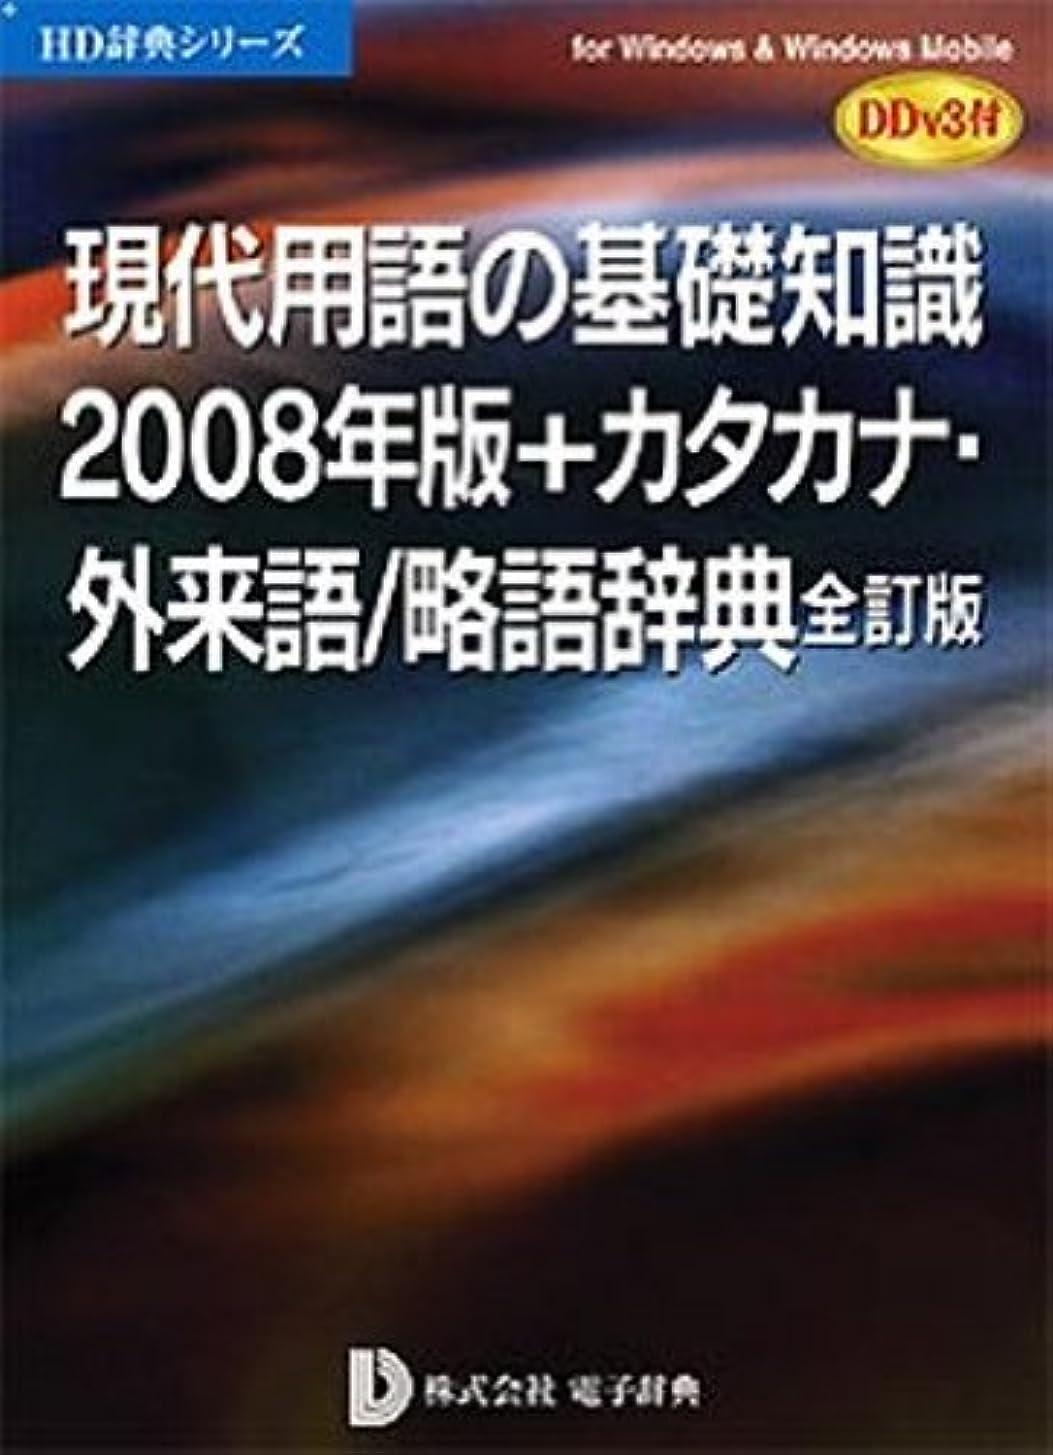 シールド治世動現代用語の基礎知識2008年版+カタカナ?外来語/略語辞典 DDv3付き アカデミック